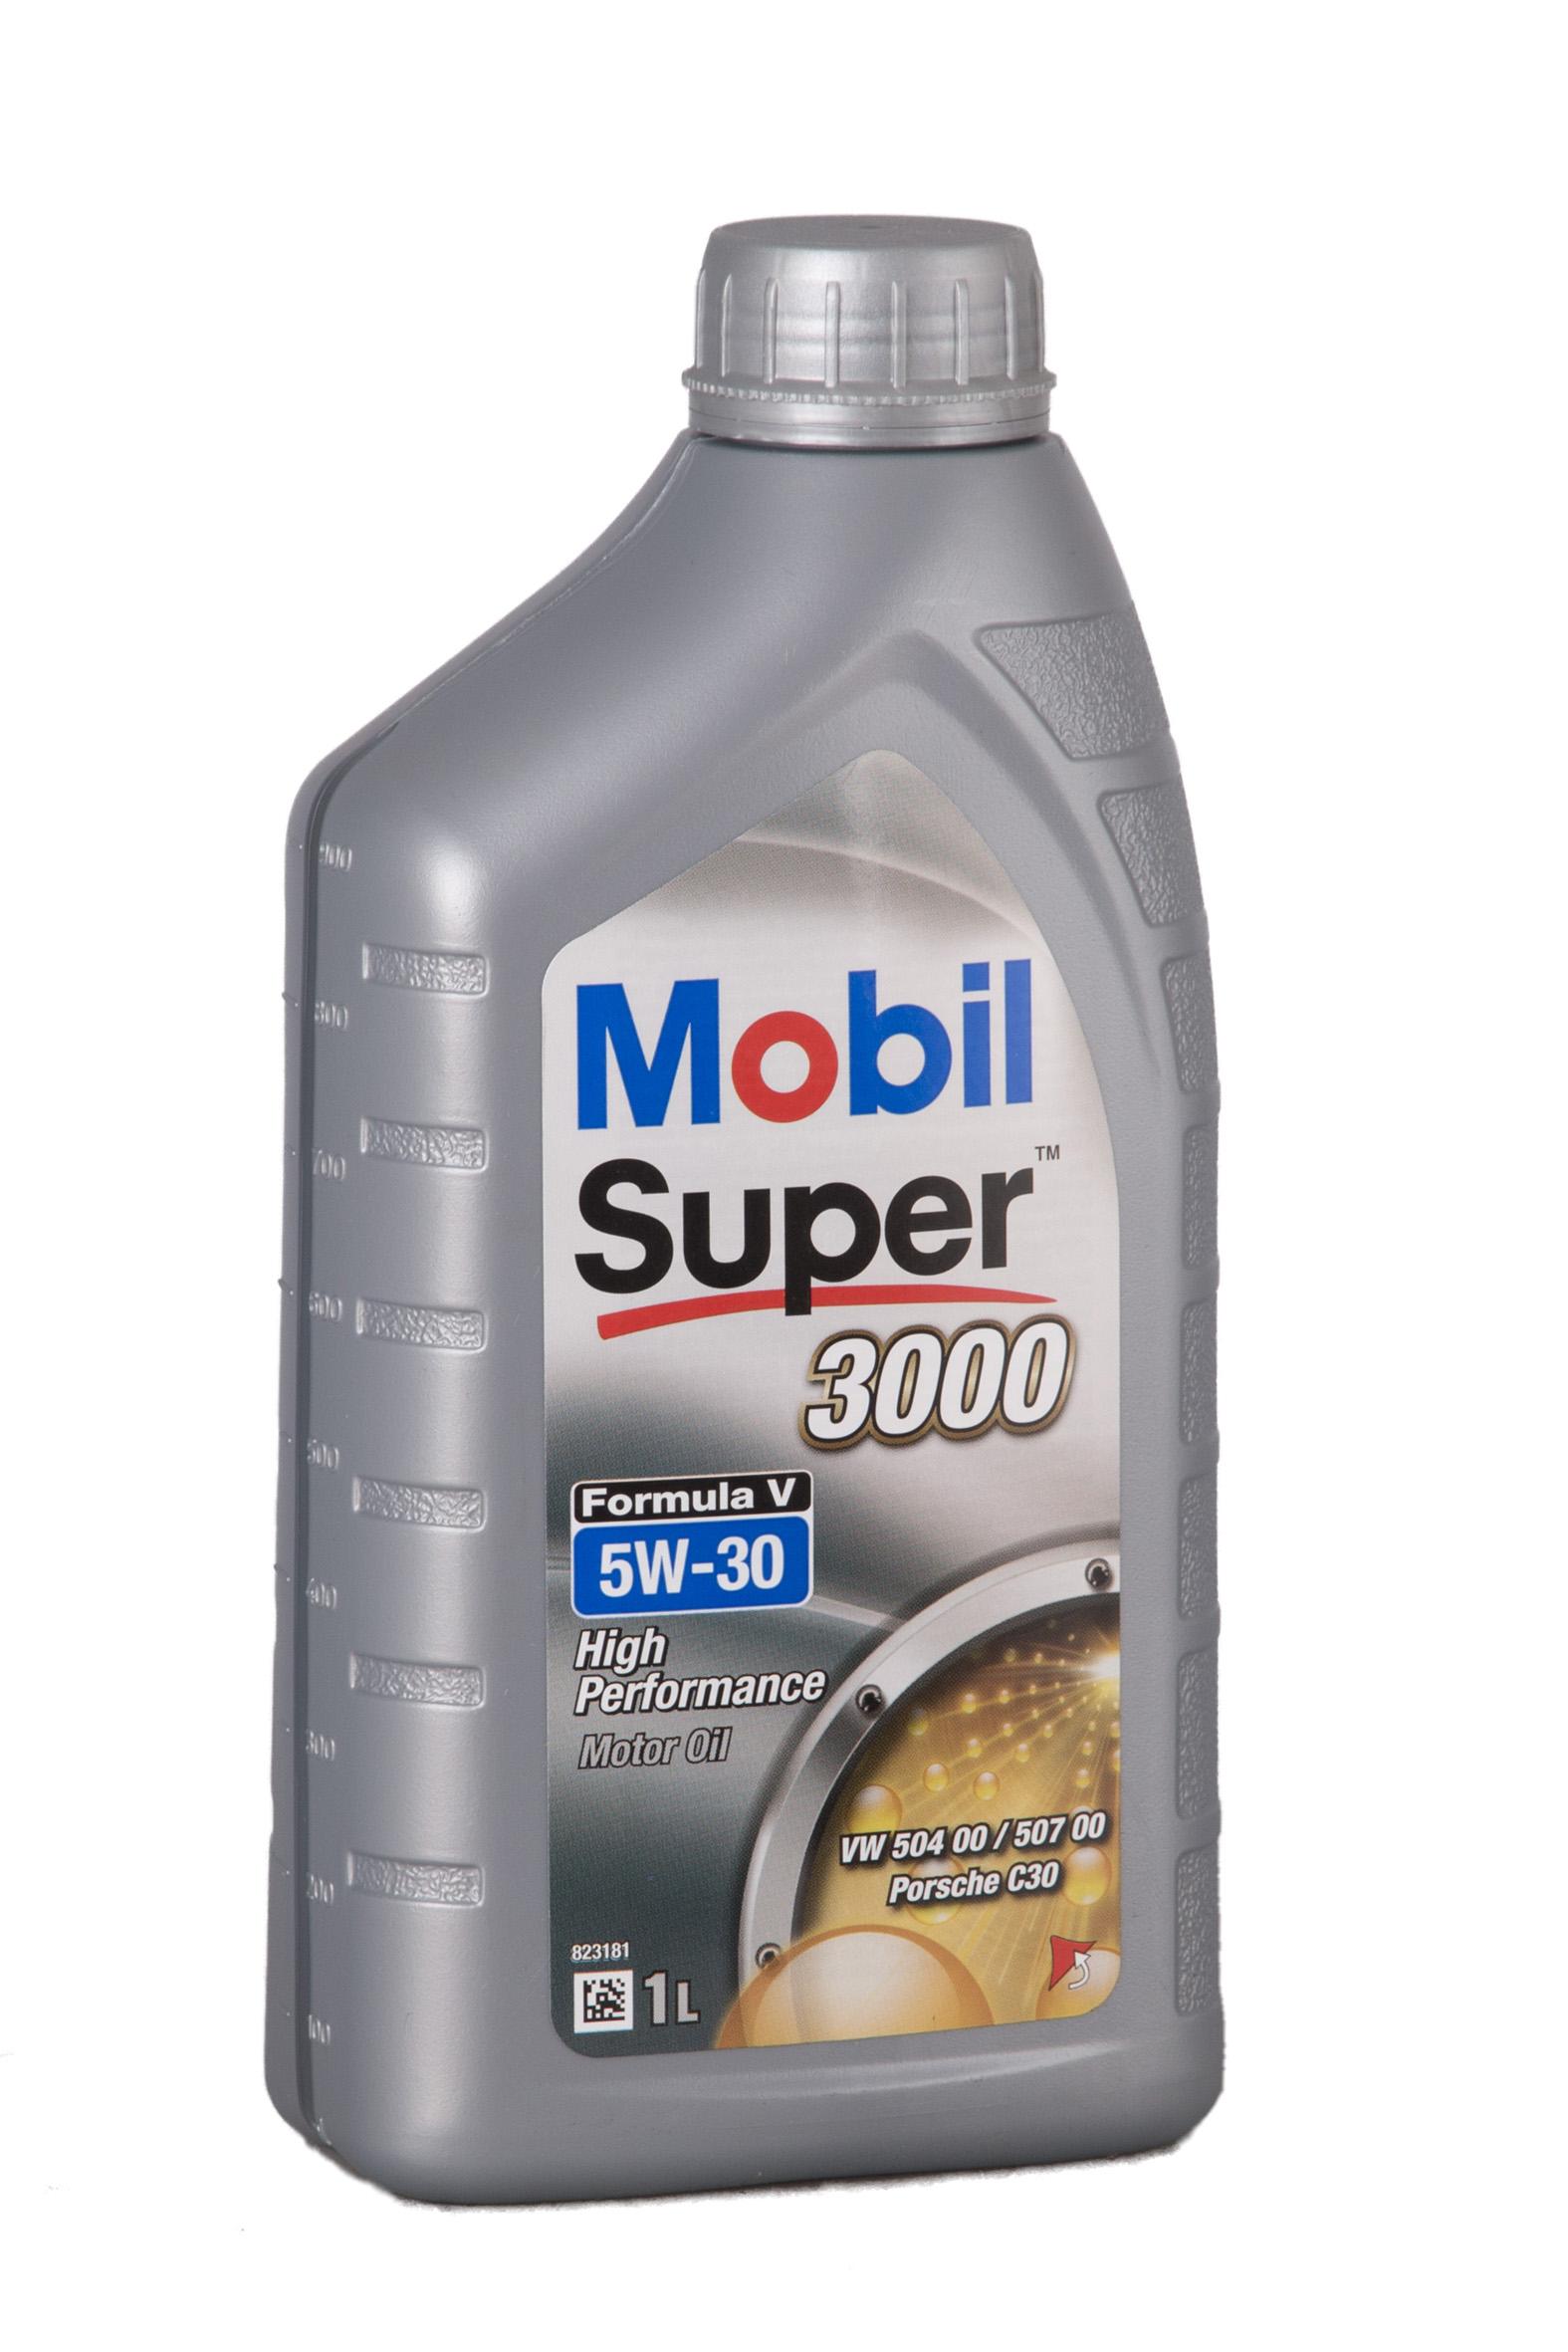 Mobil Super 3000 Formula V 5W-30 - 1 Liter – Bild 1